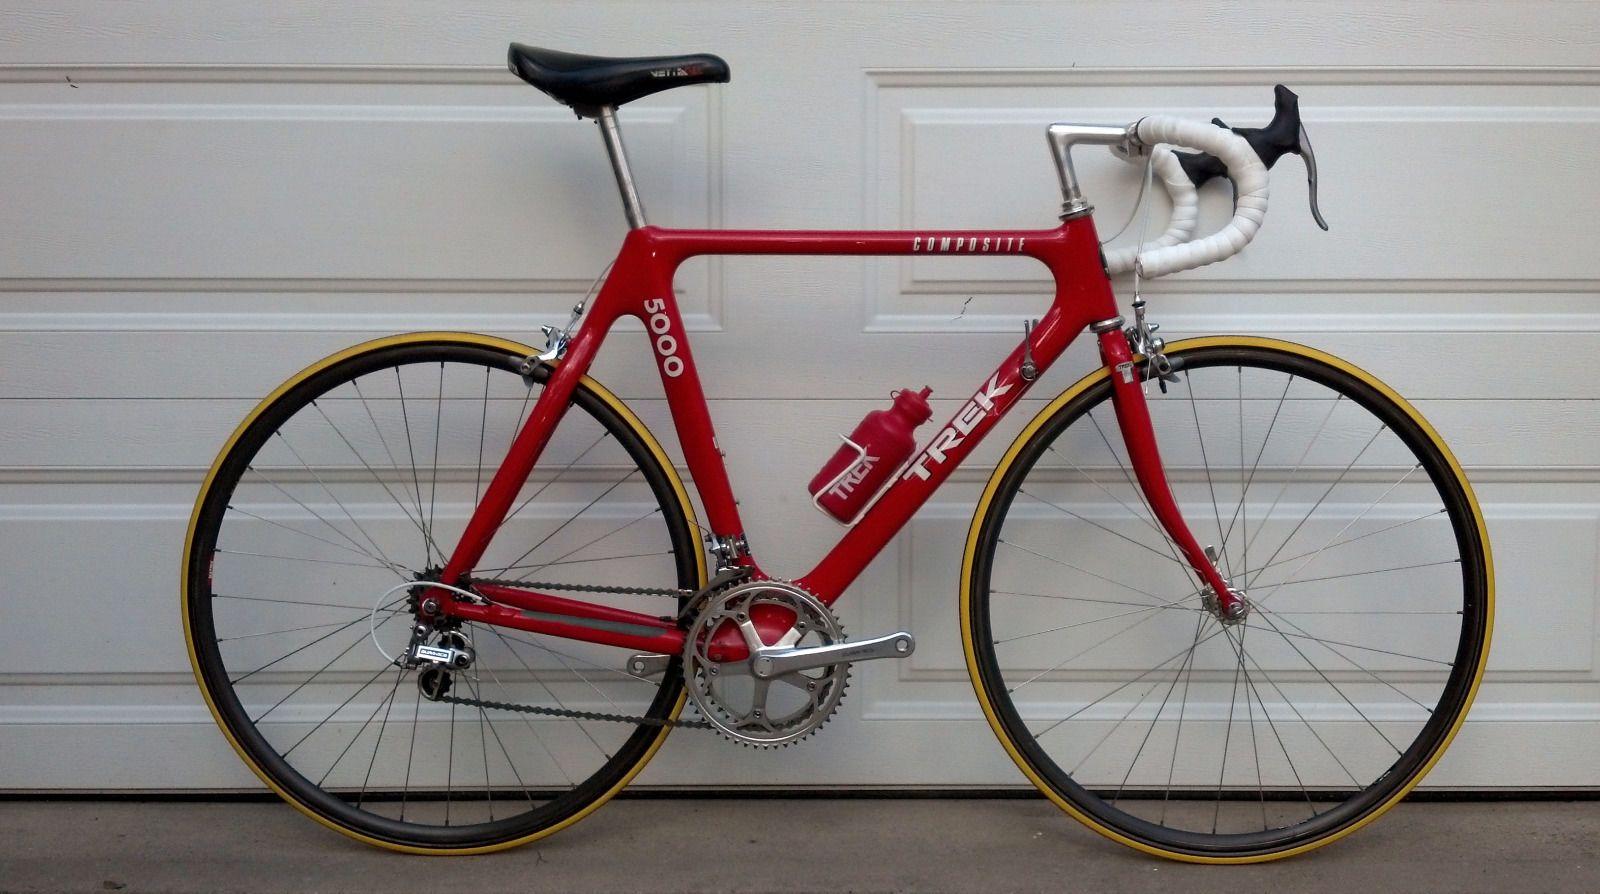 1989 Vintage Trek 5000 Carbon Fiber Road Bike